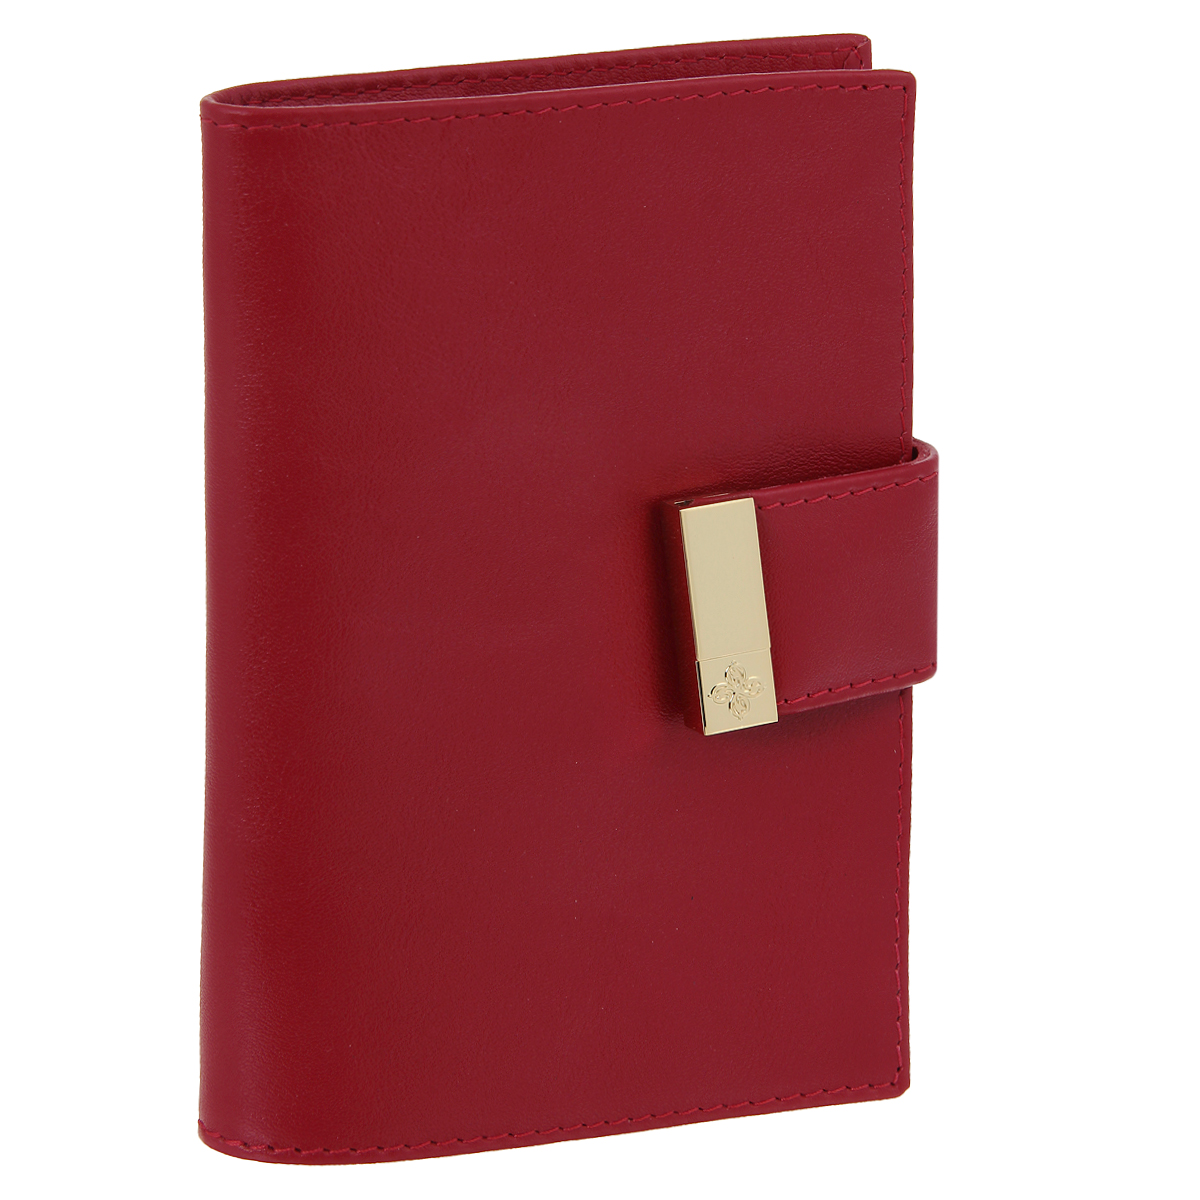 Обложка для паспорта Dimanche Elite, цвет: красный. 0401-022_516Обложка для паспорта Dimanche Elite выполнена из натуральной высококачественной матовой кожи и закрывается хлястиком на застежку-кнопку. На внутреннем развороте два кармана из прозрачного пластика. Обложка упакована в фирменную картонную коробку. Такая обложка станет отличным подарком для человека, ценящего качественные и стильные вещи.